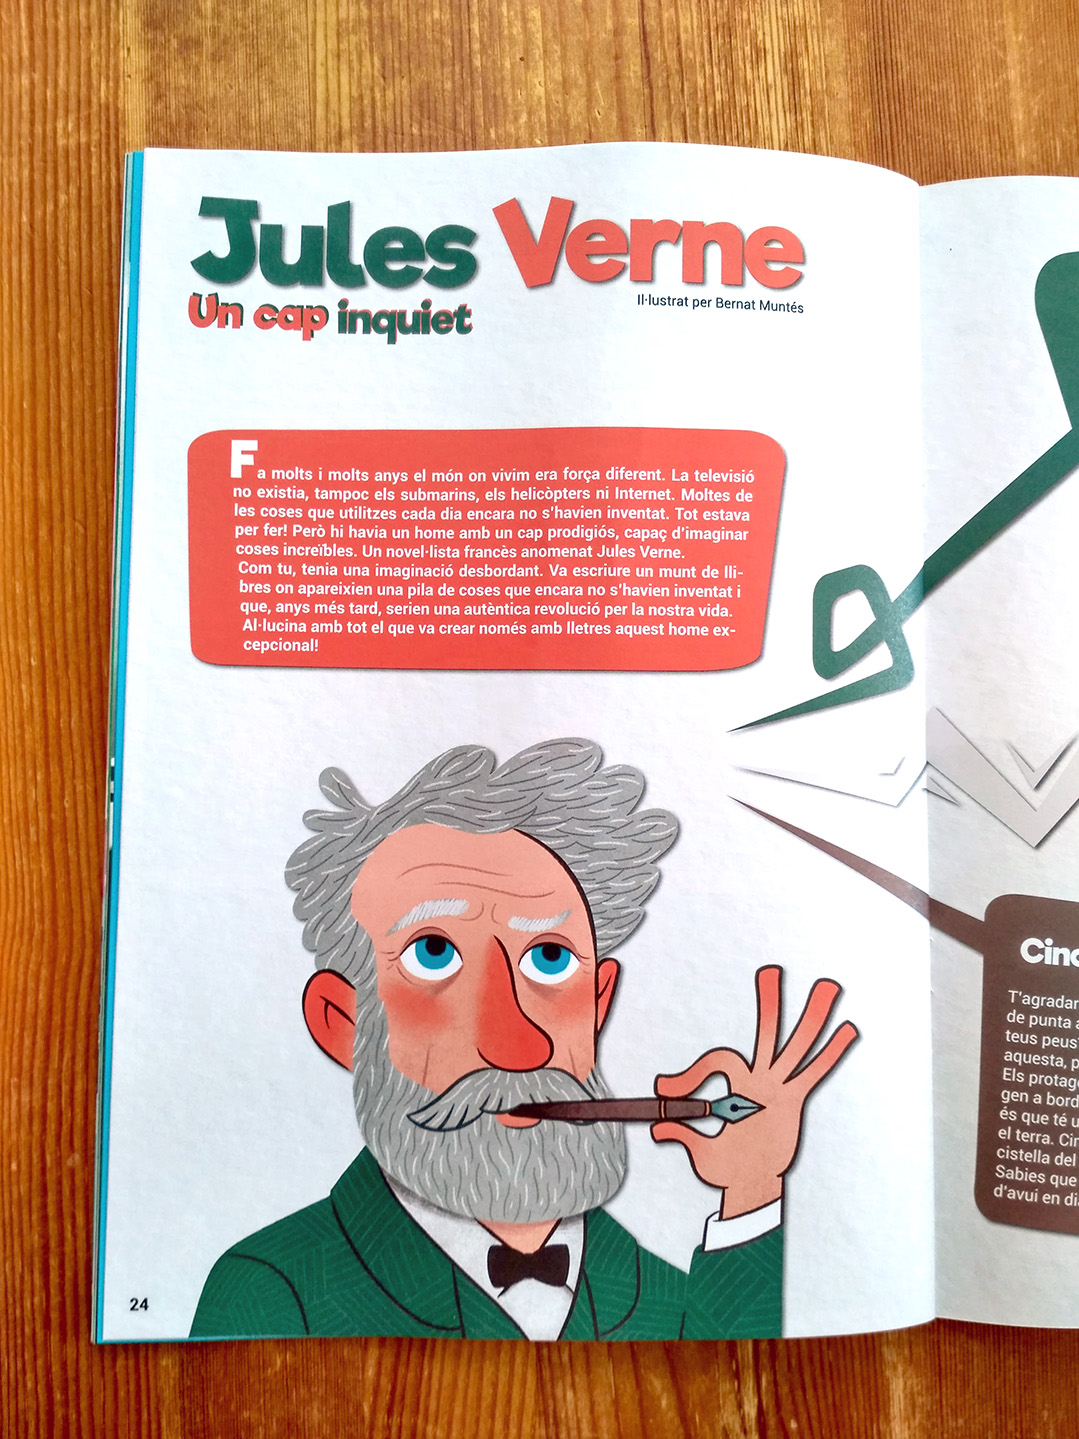 Jules Verne. Namaka 2017